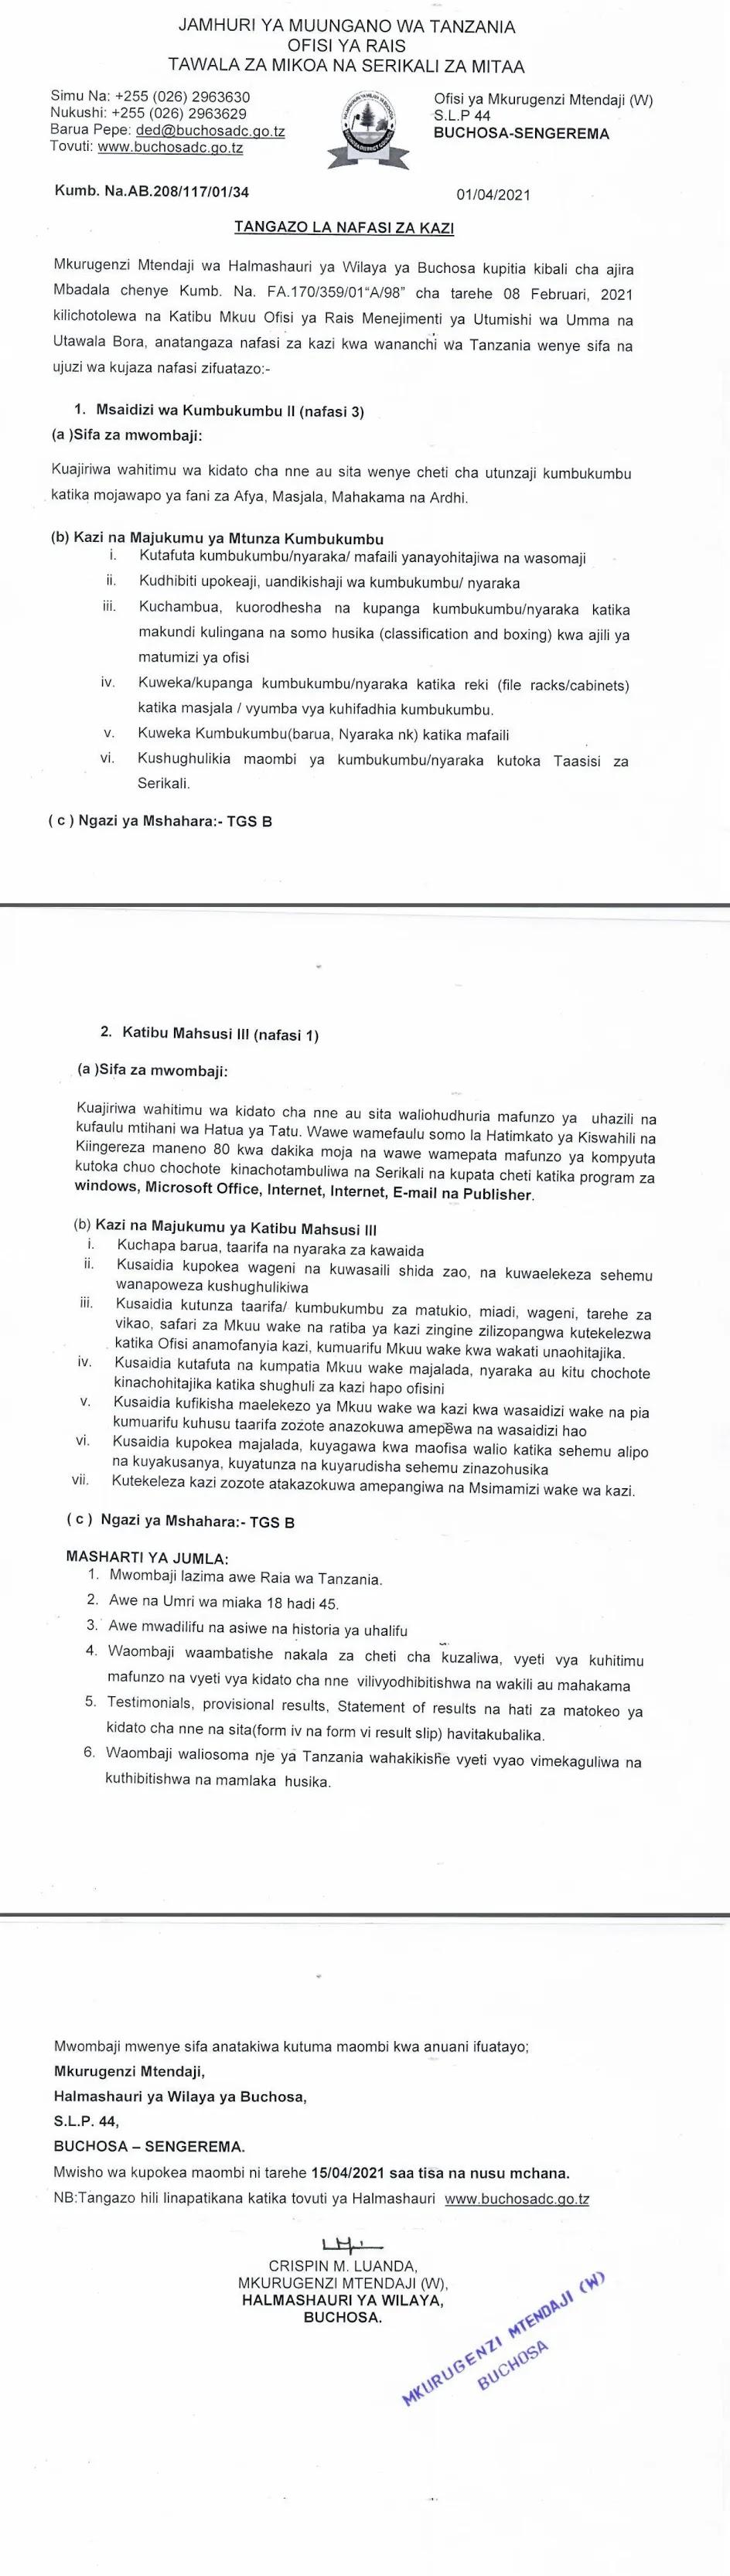 Msaidizi wa Kumbukumbu II at Buchosa District Council April 2021